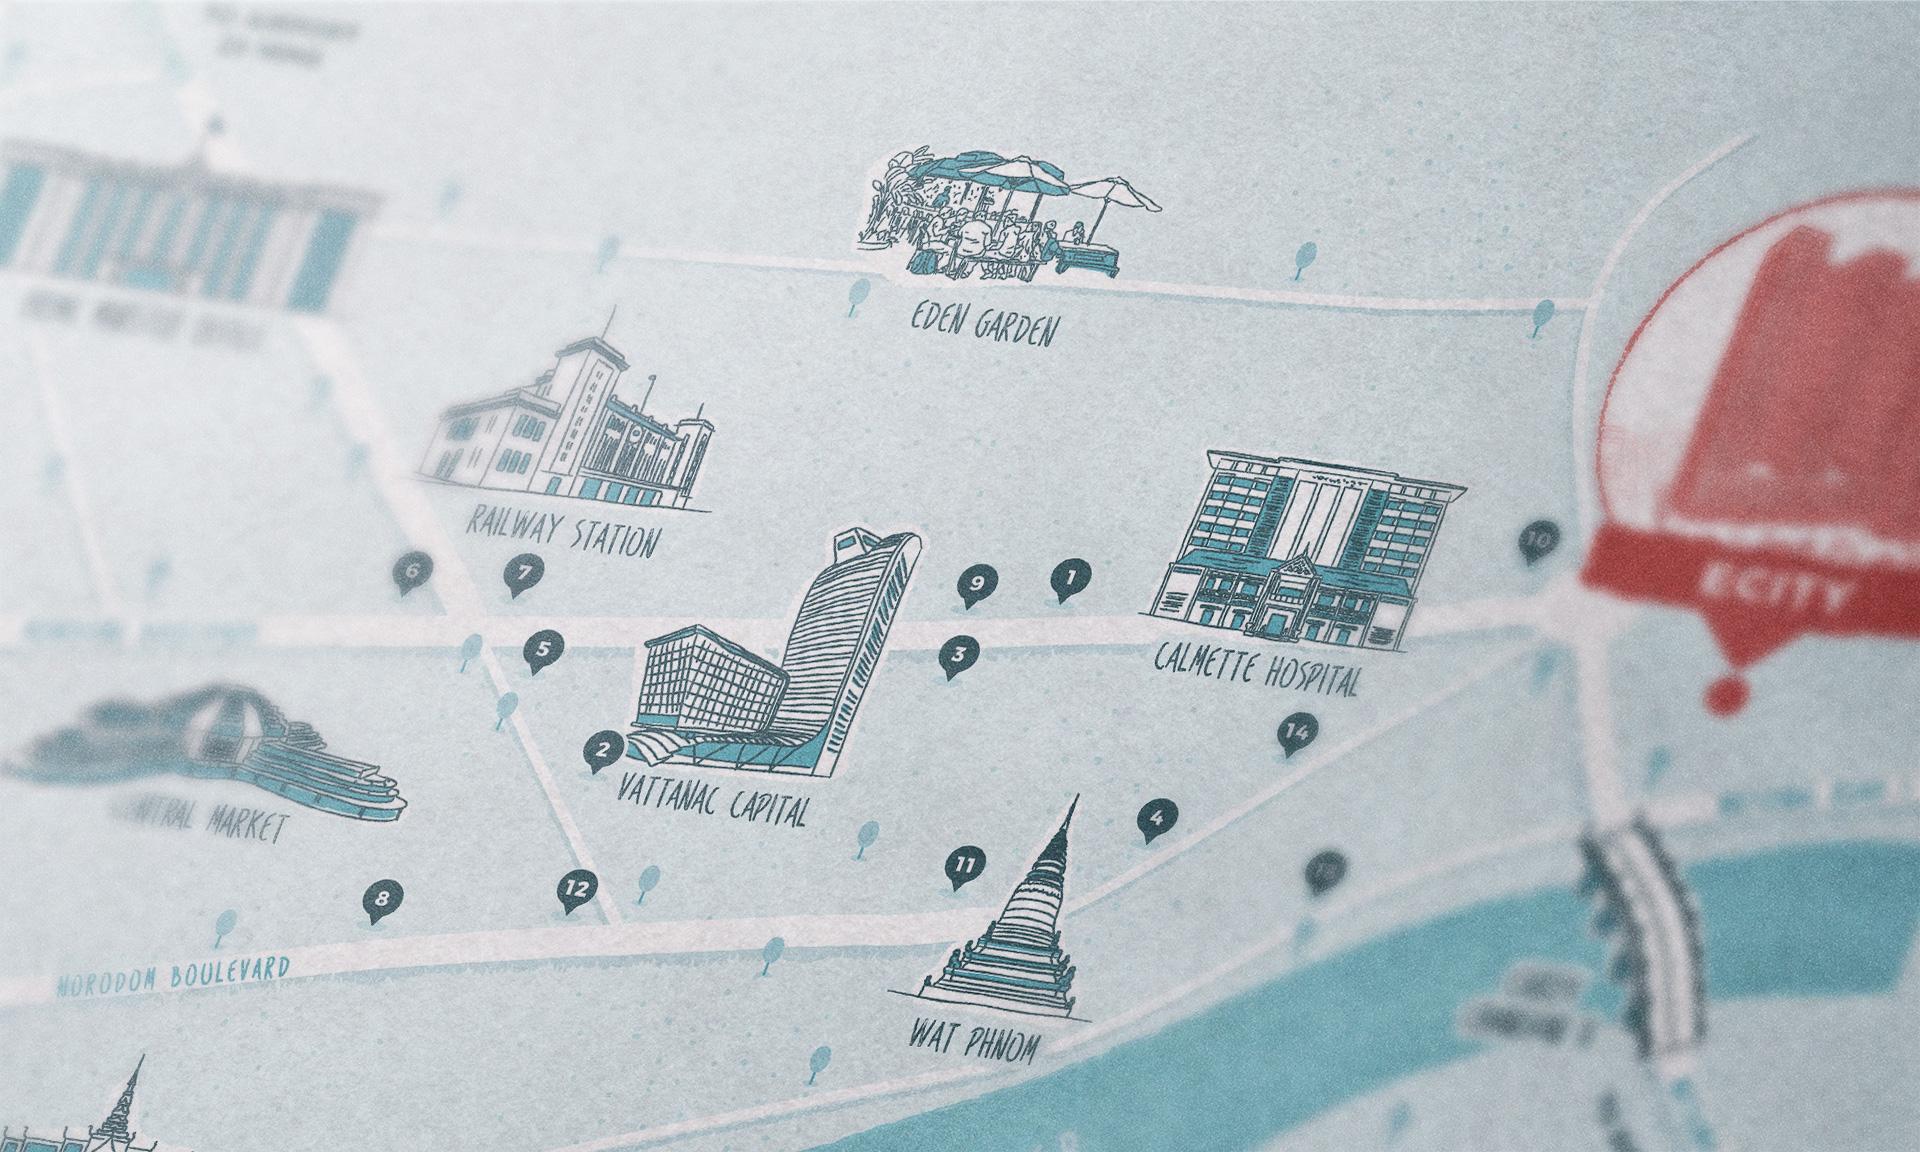 map close-up